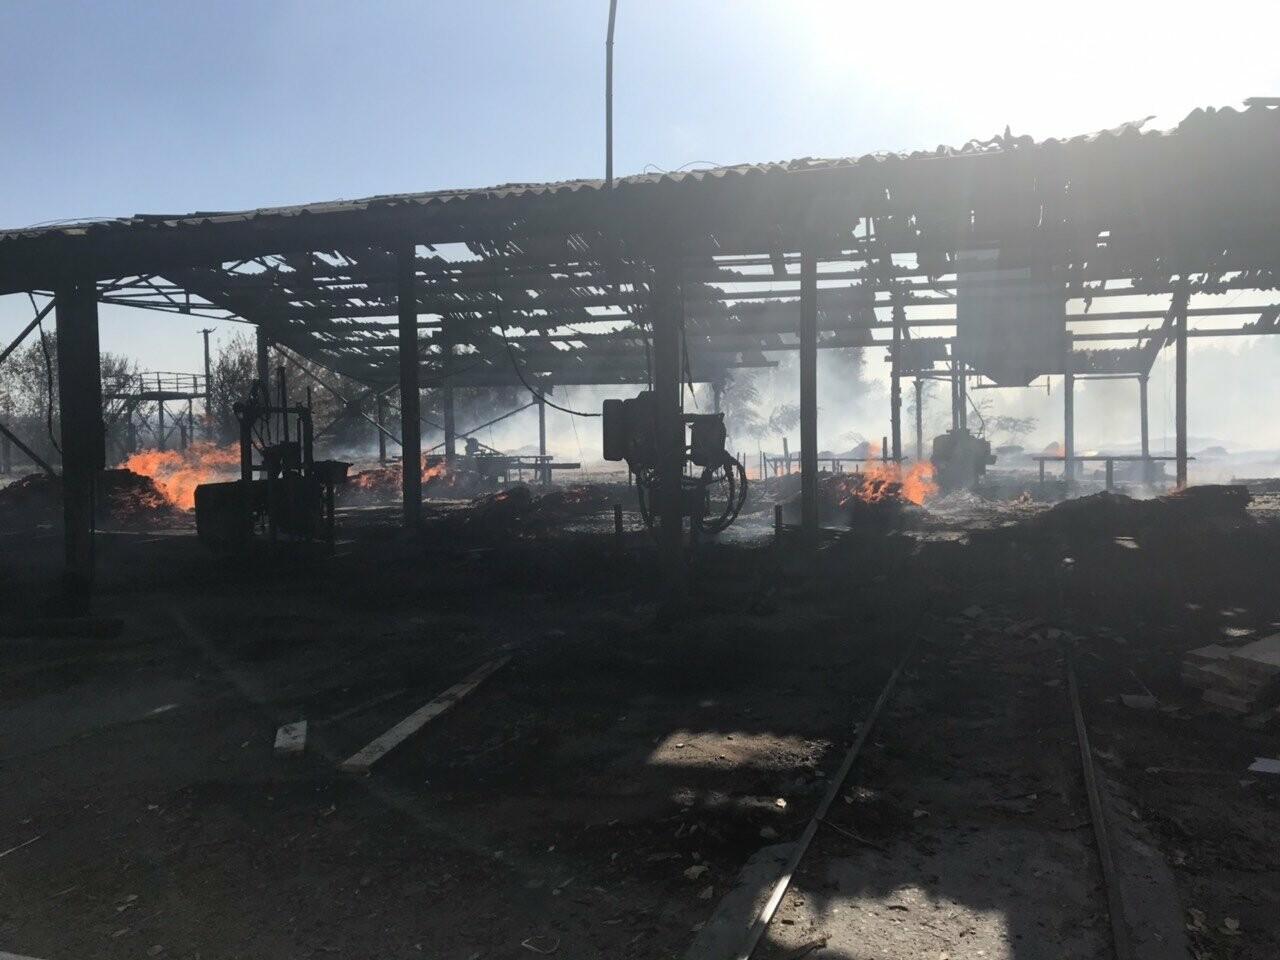 У Кременчуцькому районі вогонь знищив базу з переробки лісоматеріалів. Фото, фото-2